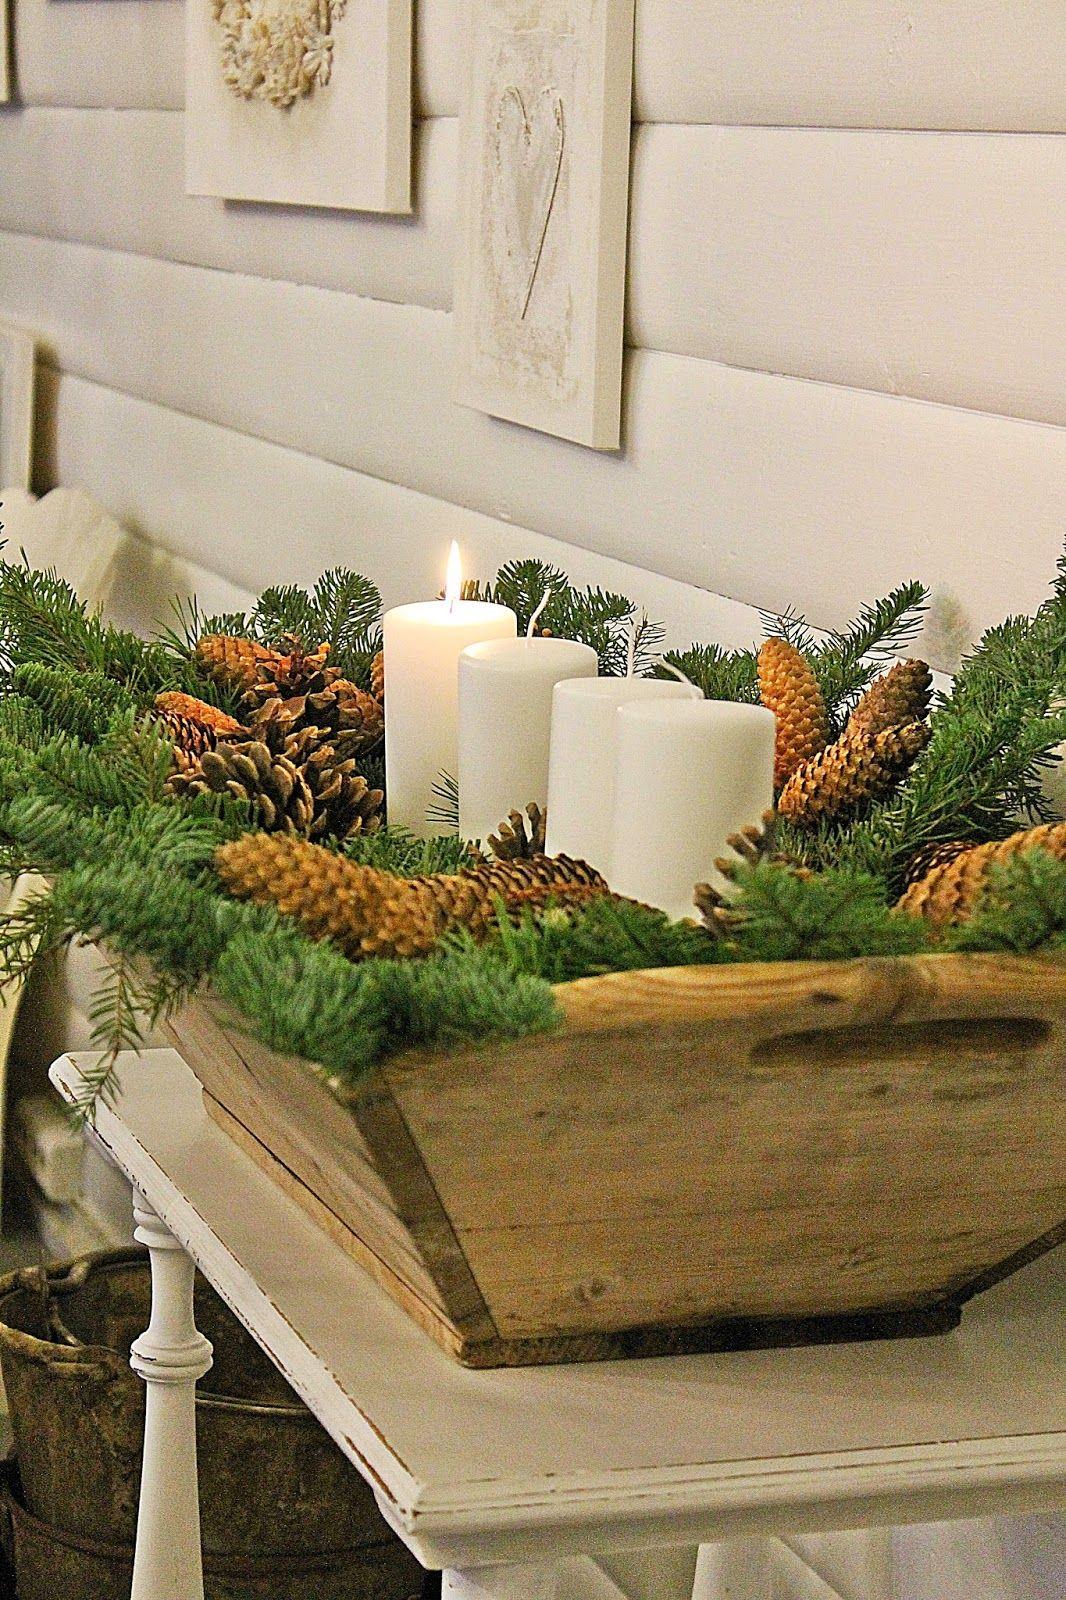 Vibeke Design November 2014 Vibeke Design Weihnachten Dekoration Rustikale Weihnachten